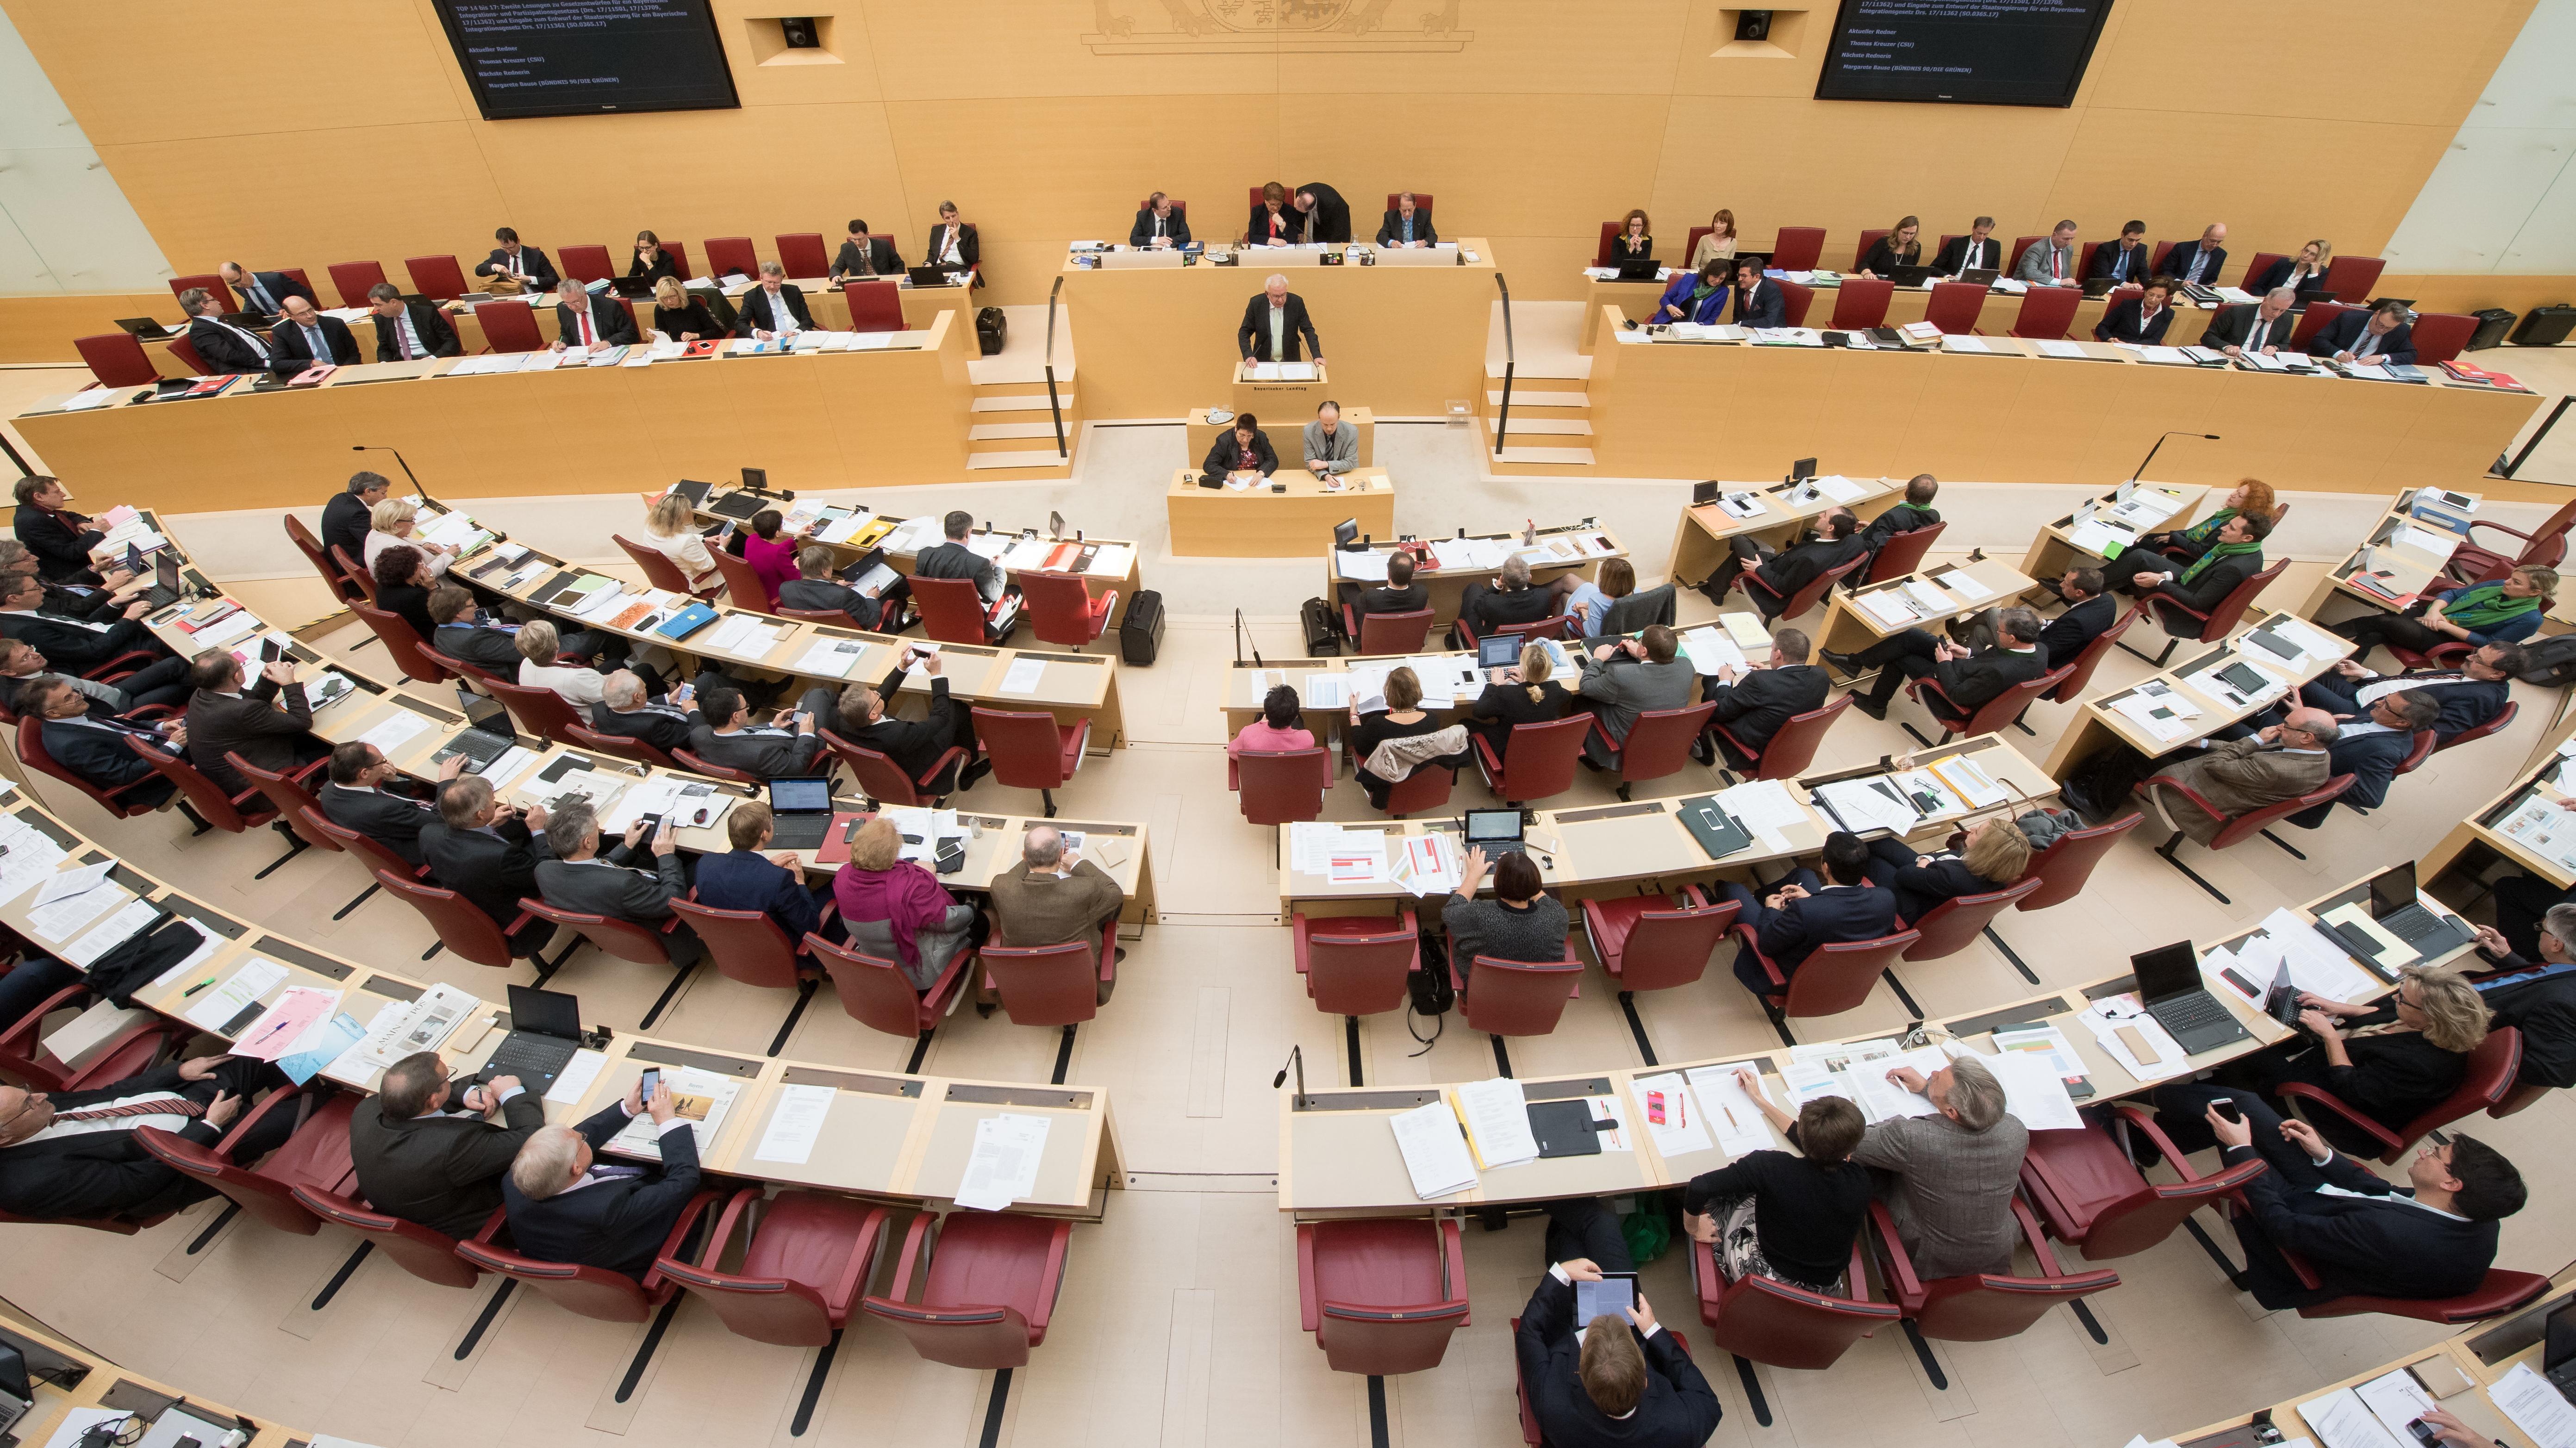 Der bayerische Landtag wird noch männlicher - der Frauenanteil geht erneut zurück